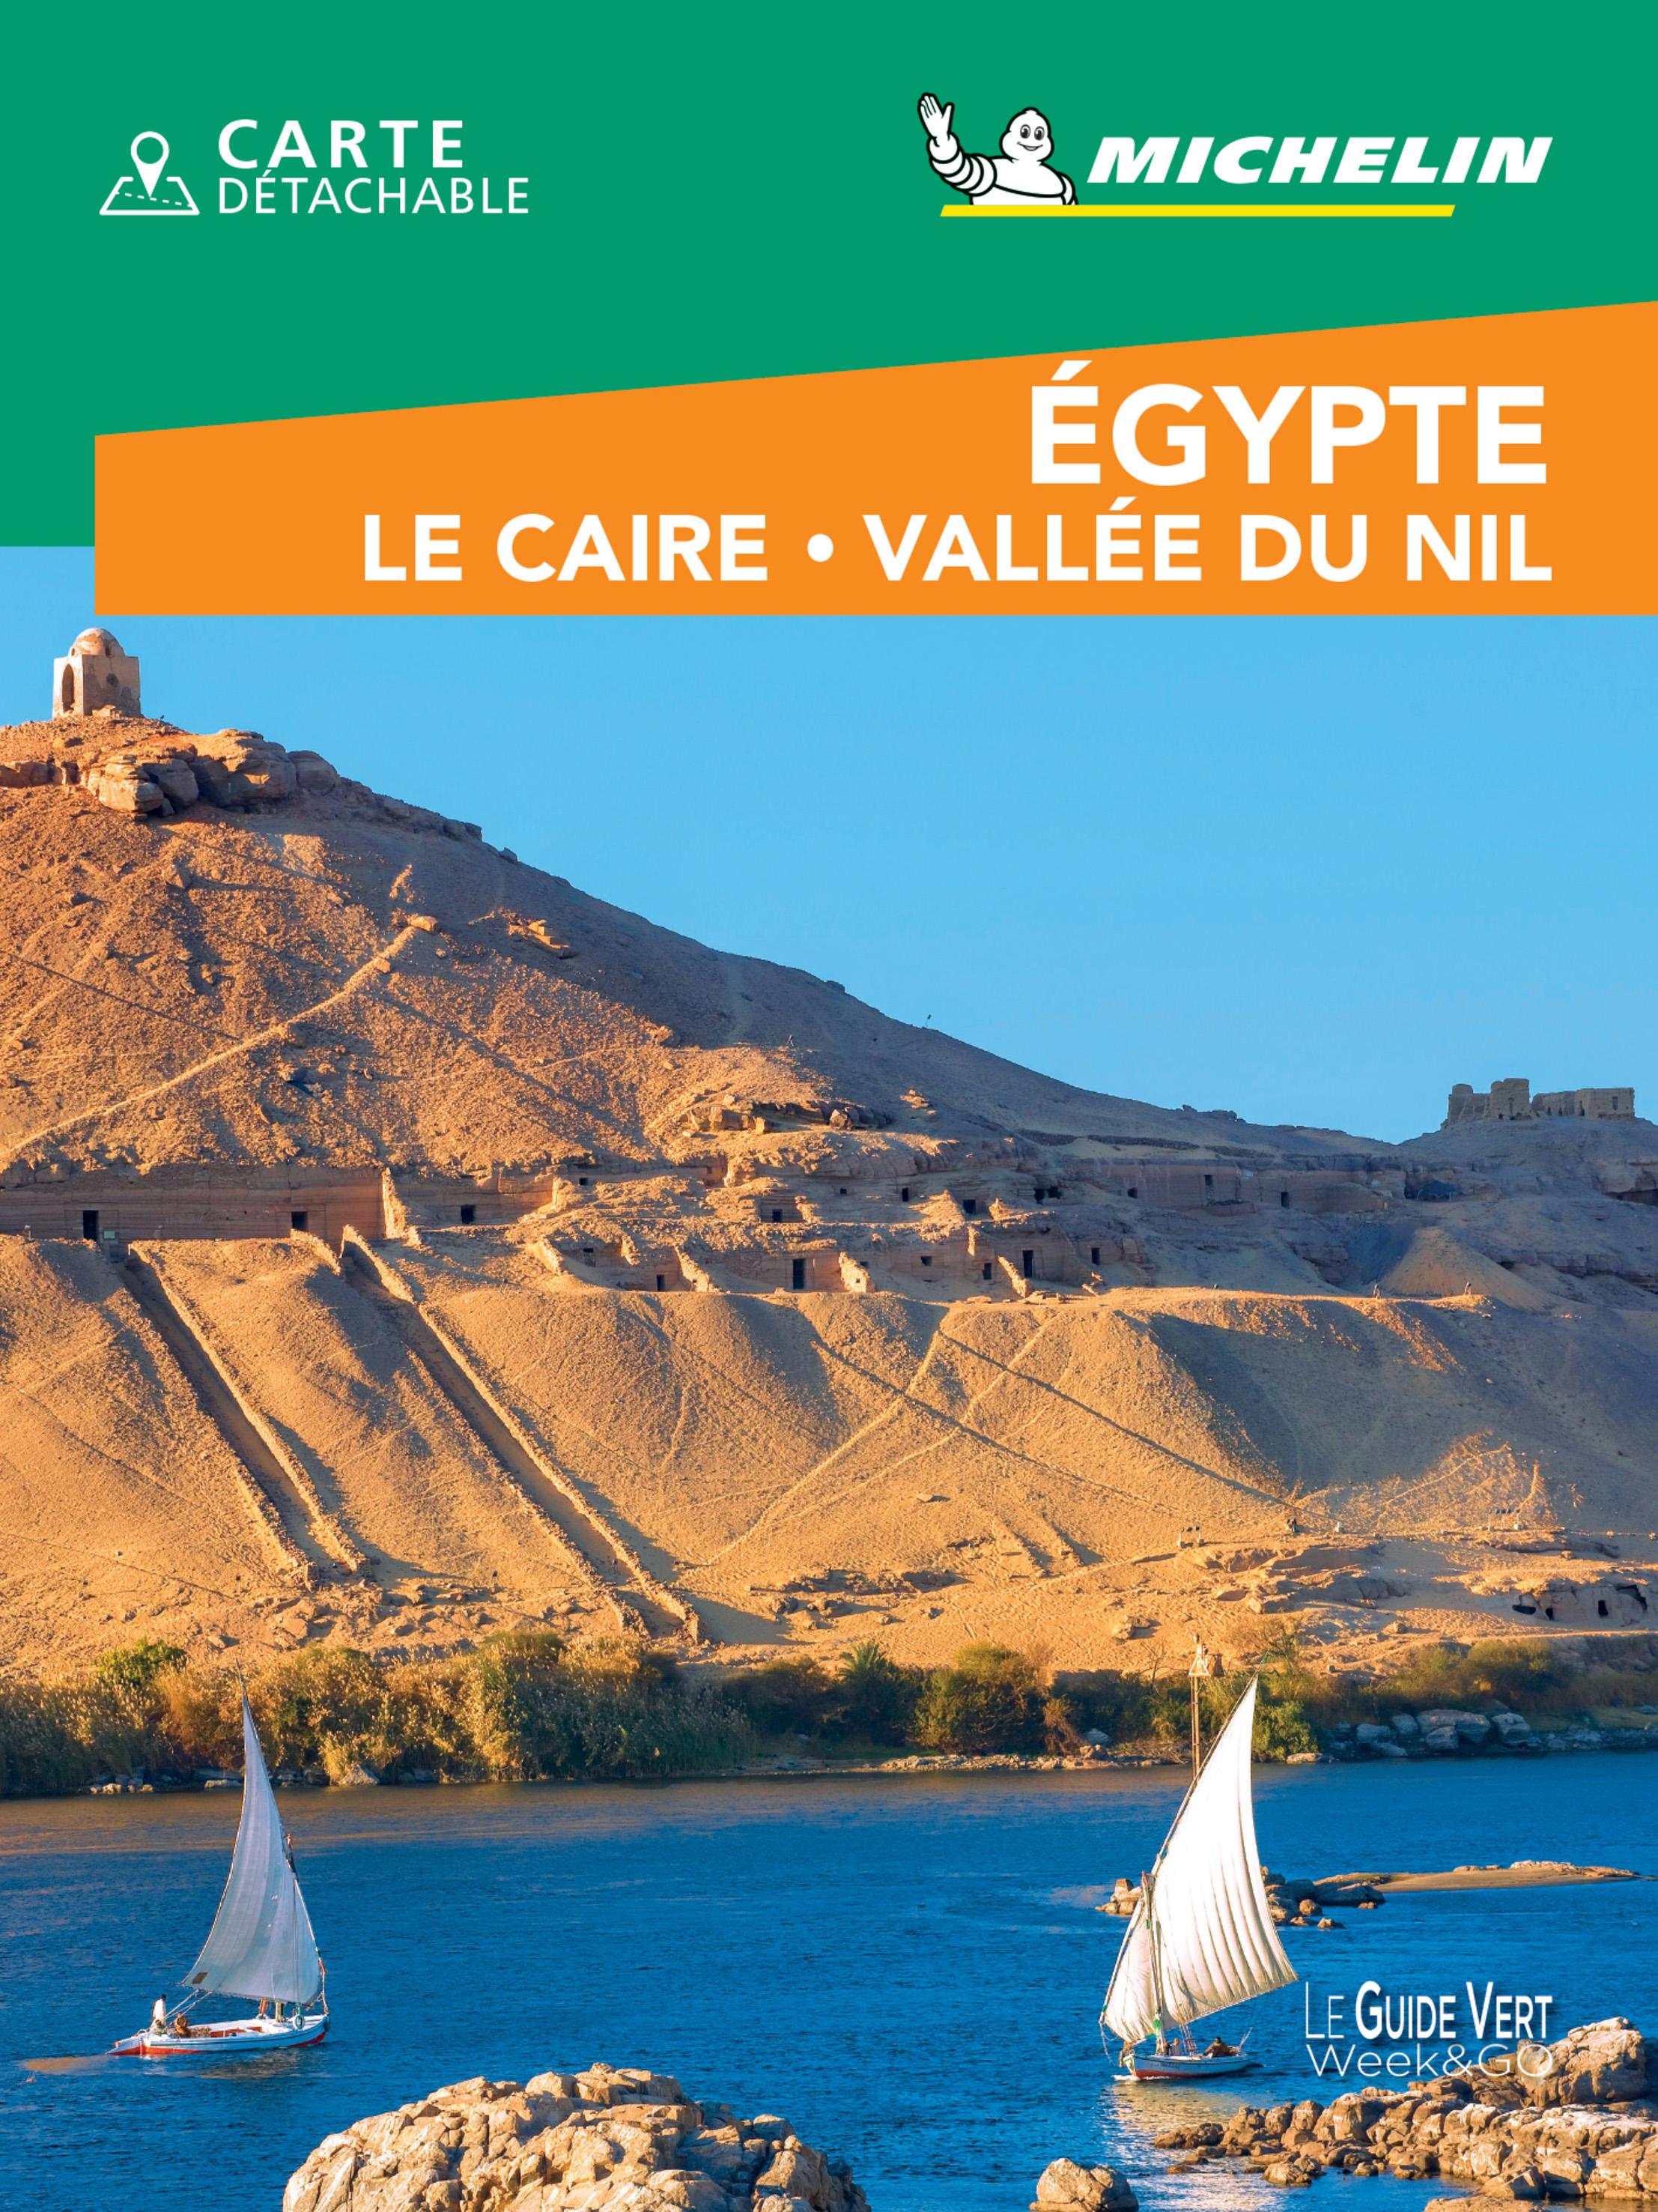 Egypte - Le Caire - Vallée du Nil week-end